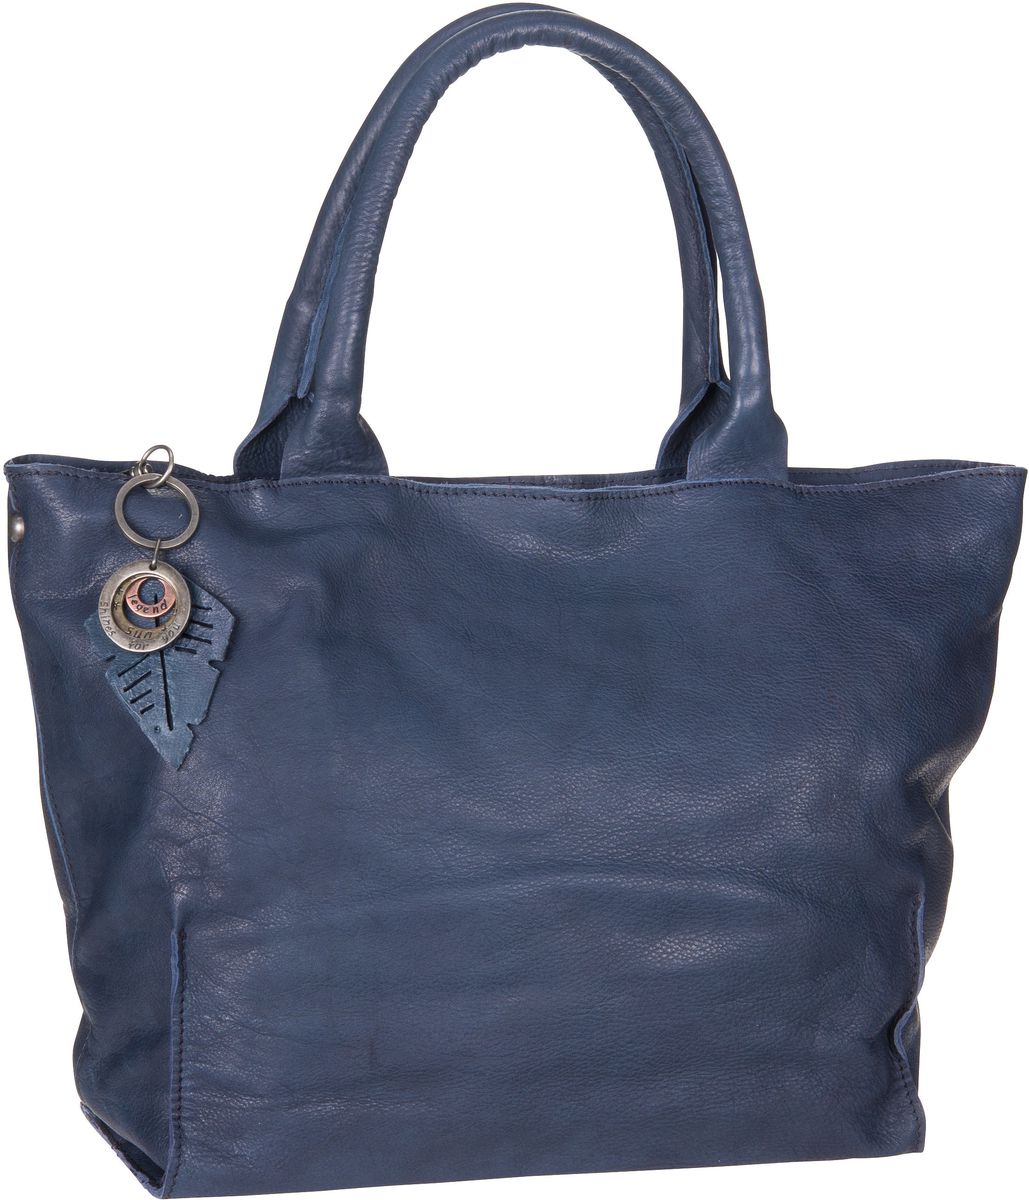 Legend Bardot Blue - Handtasche